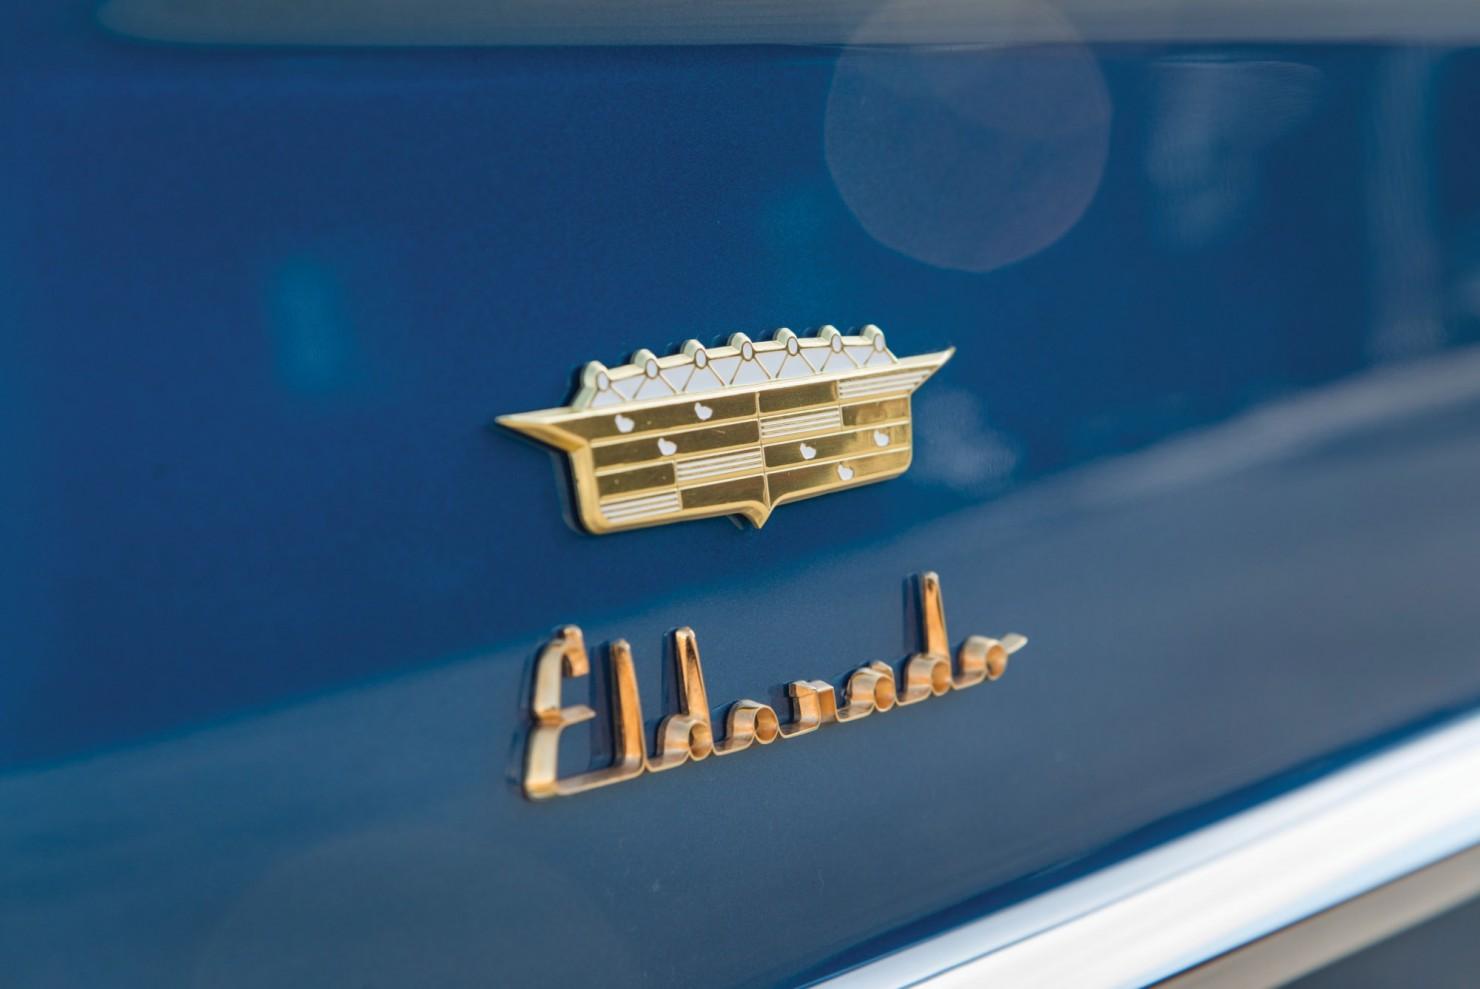 Cadillac-Eldorado-Car-19